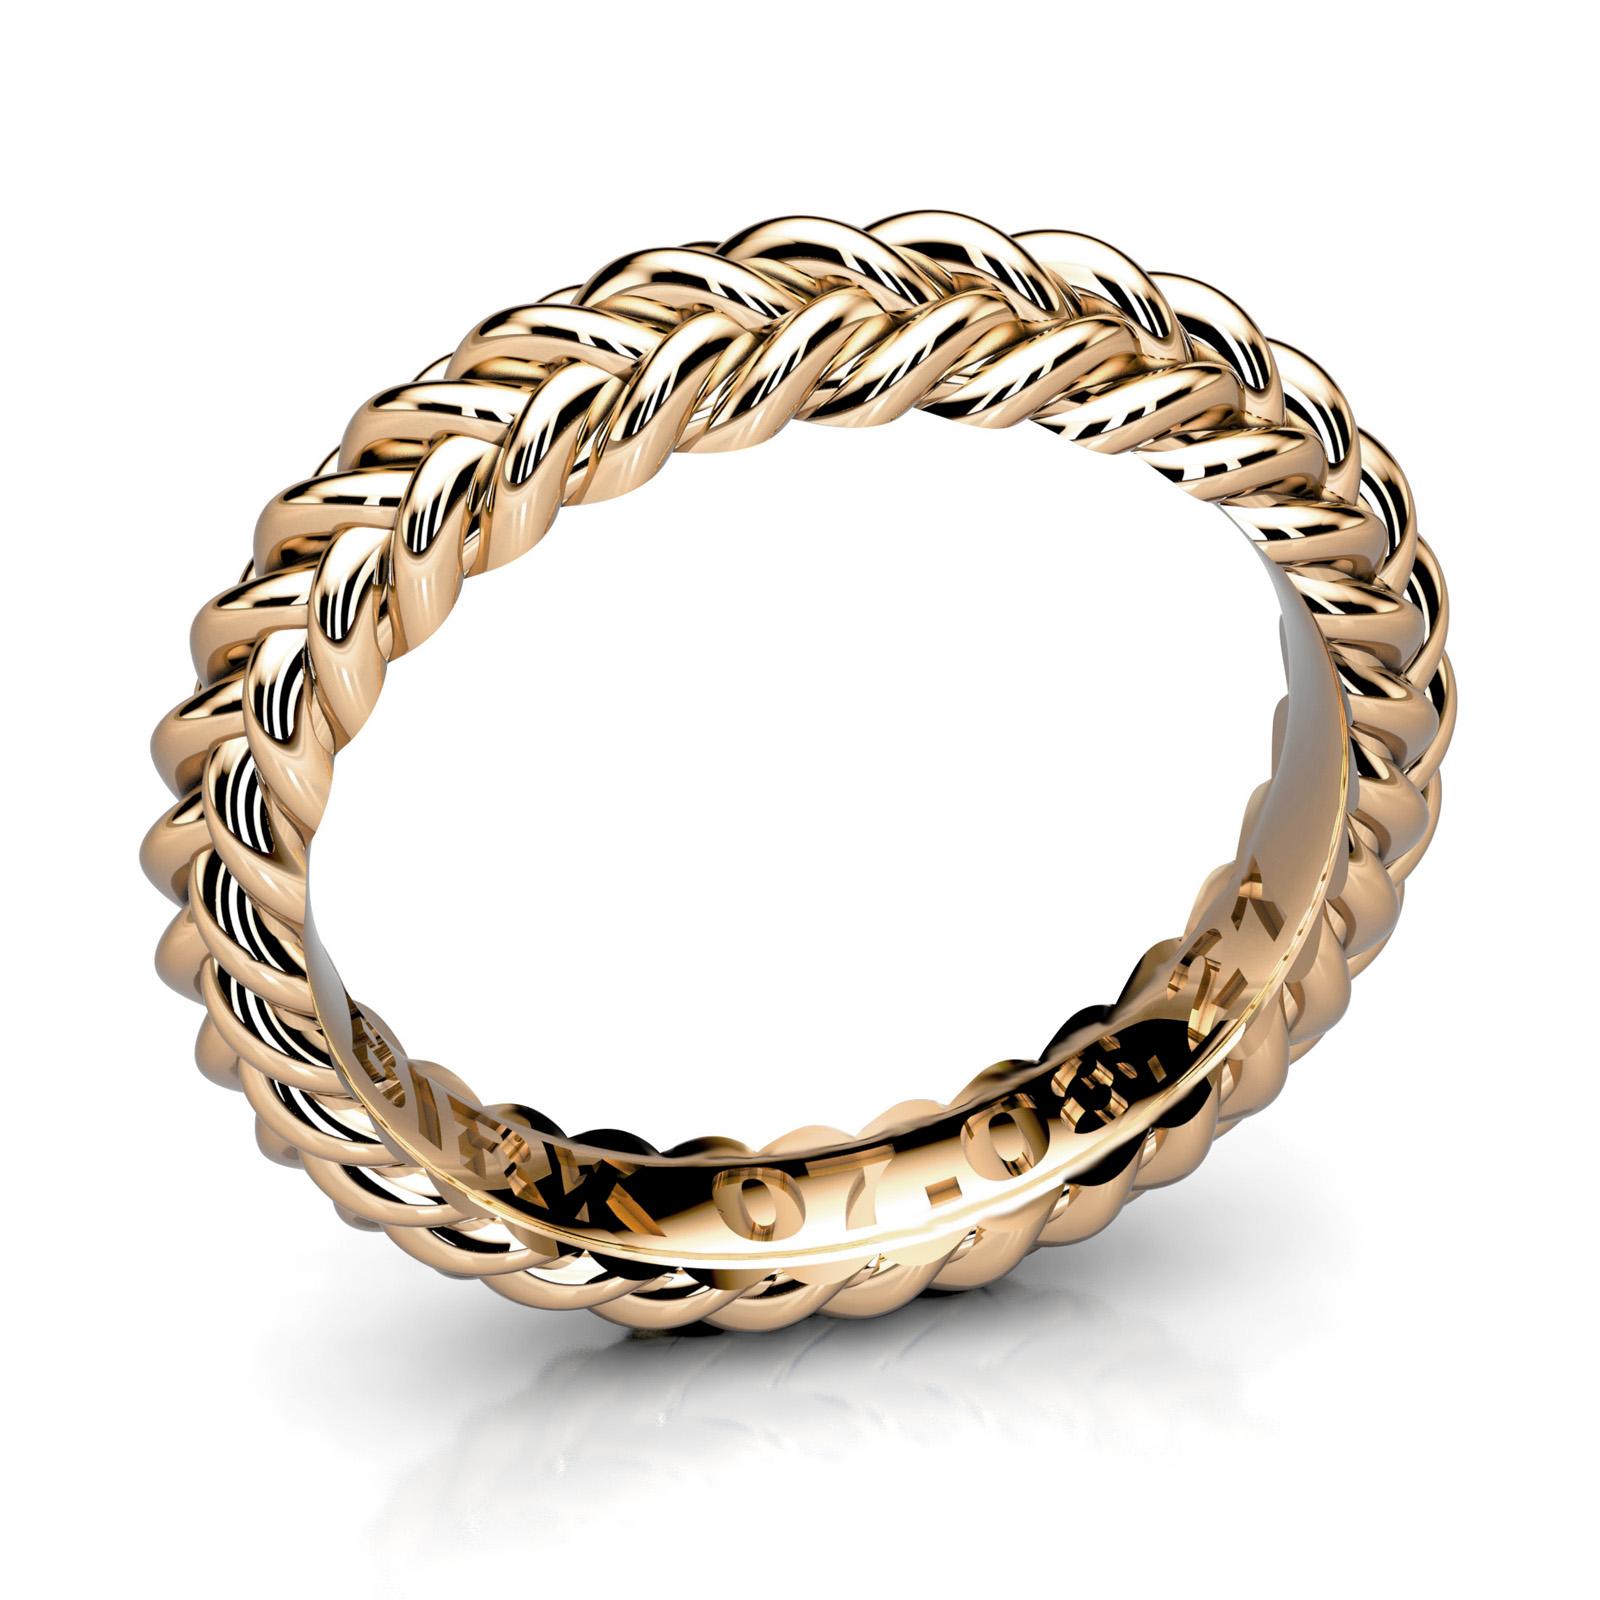 Mestergull Forlovelsesring utviklet for kunde. Ringen er utført i gult gull 585 med kraftig tekst direkte i formen. DESIGN STUDIO Spesialdesign Ring